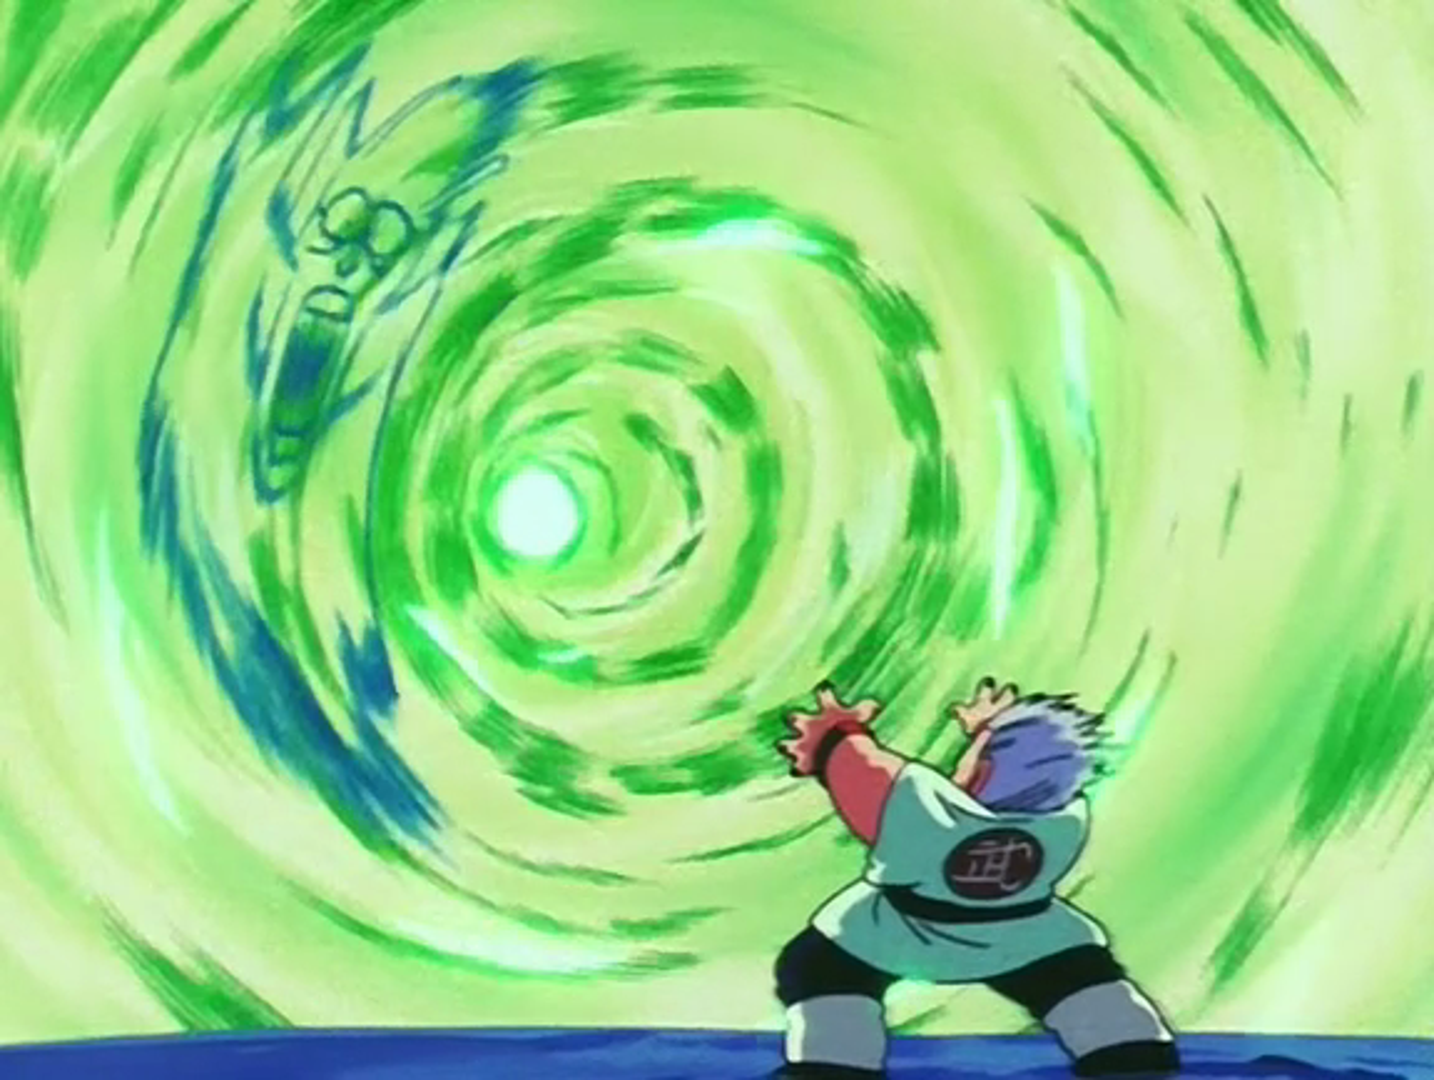 Goku vs maestro mutaito latino dating 4